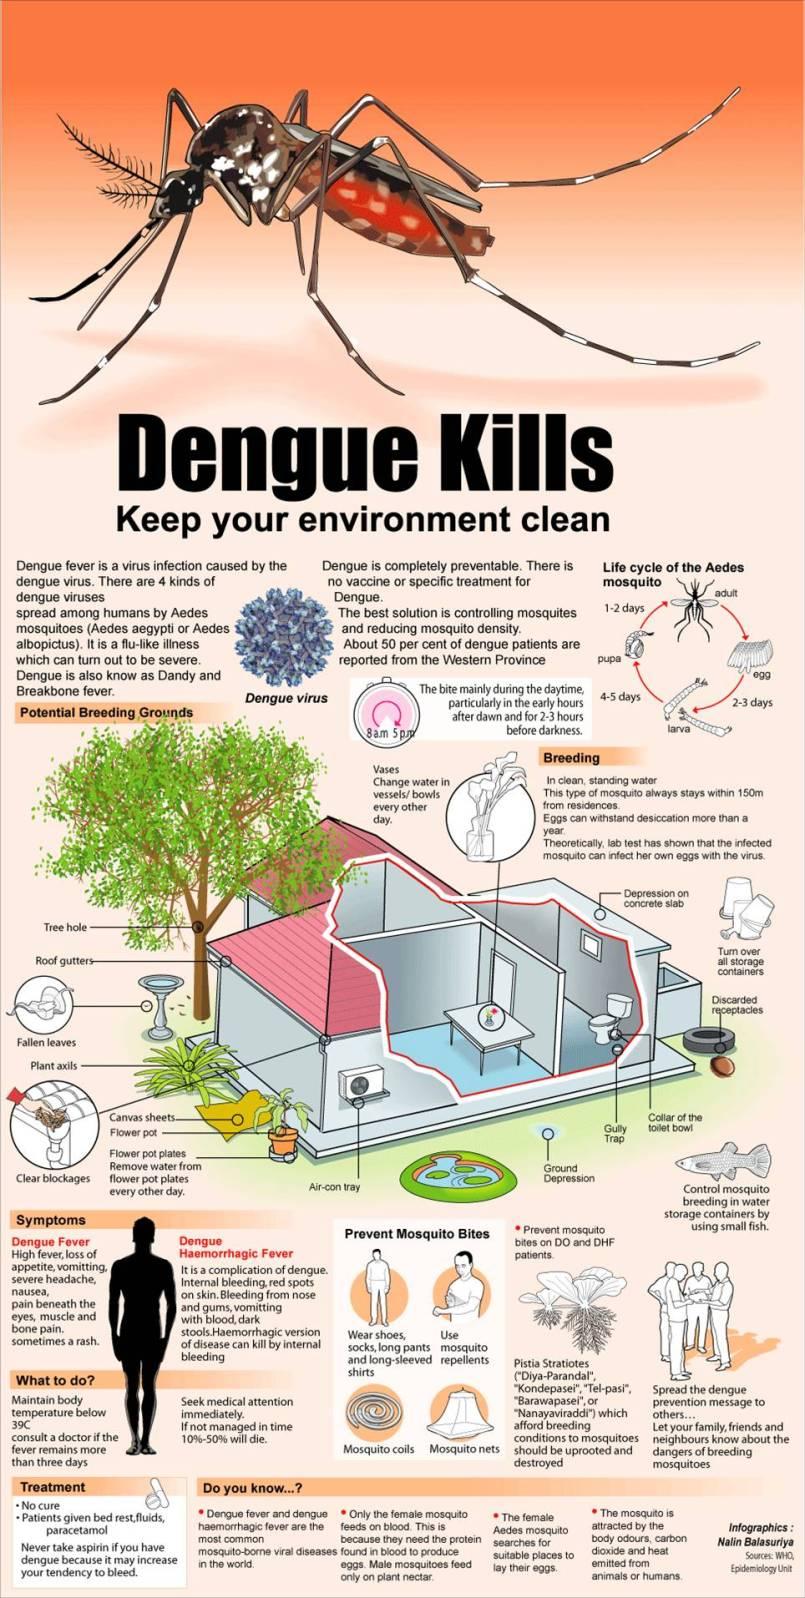 how to prevent dengue